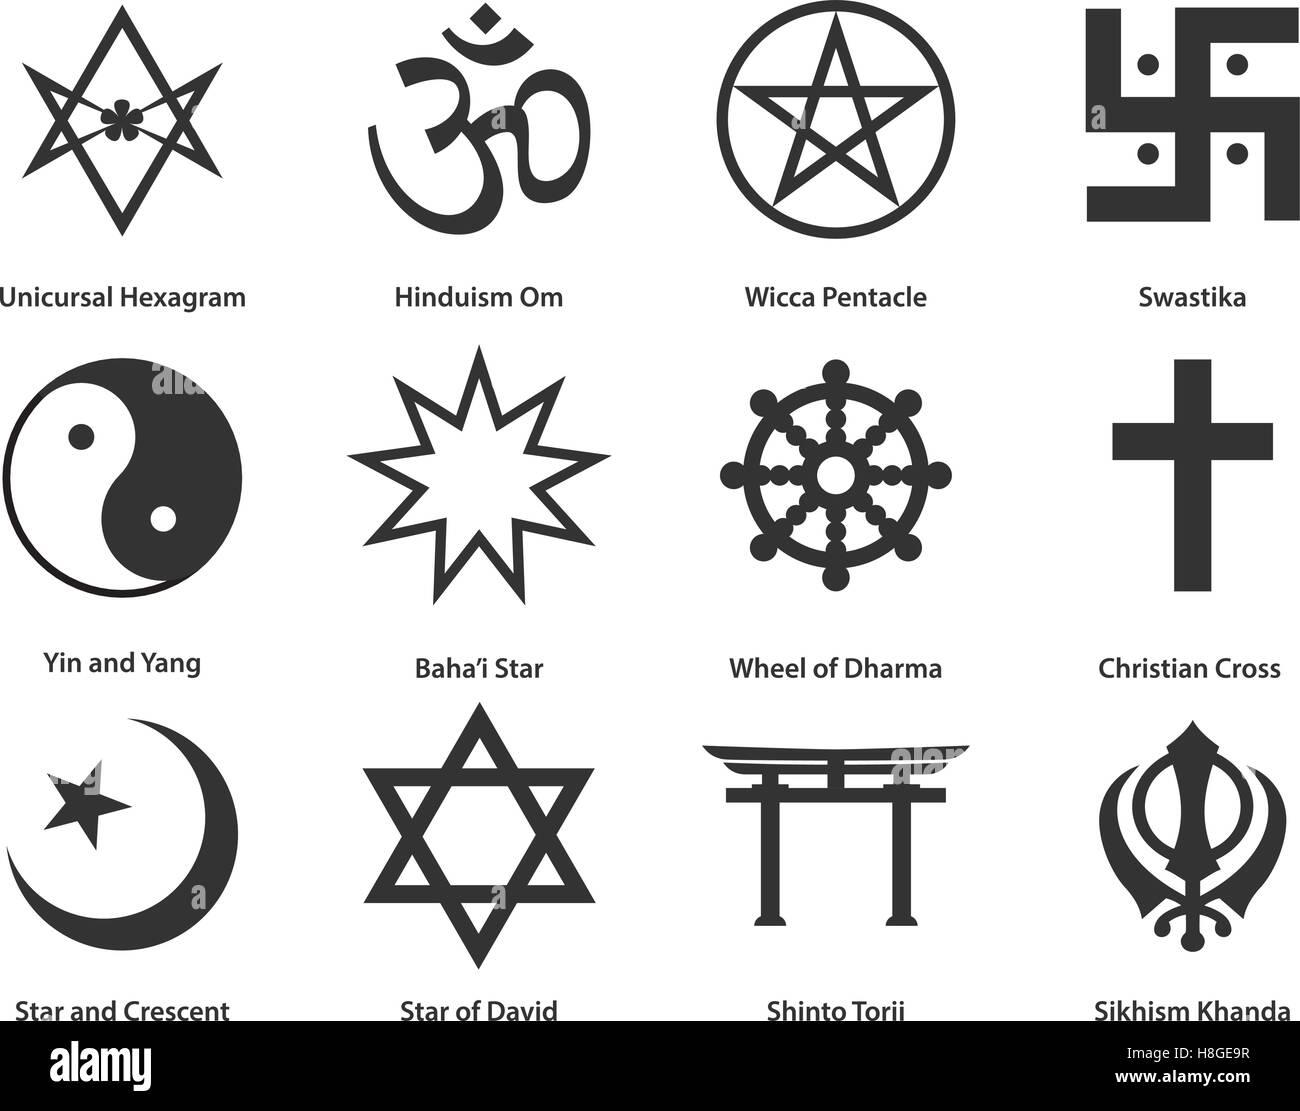 Symbols Of Sikhism Stock Photos Symbols Of Sikhism Stock Images